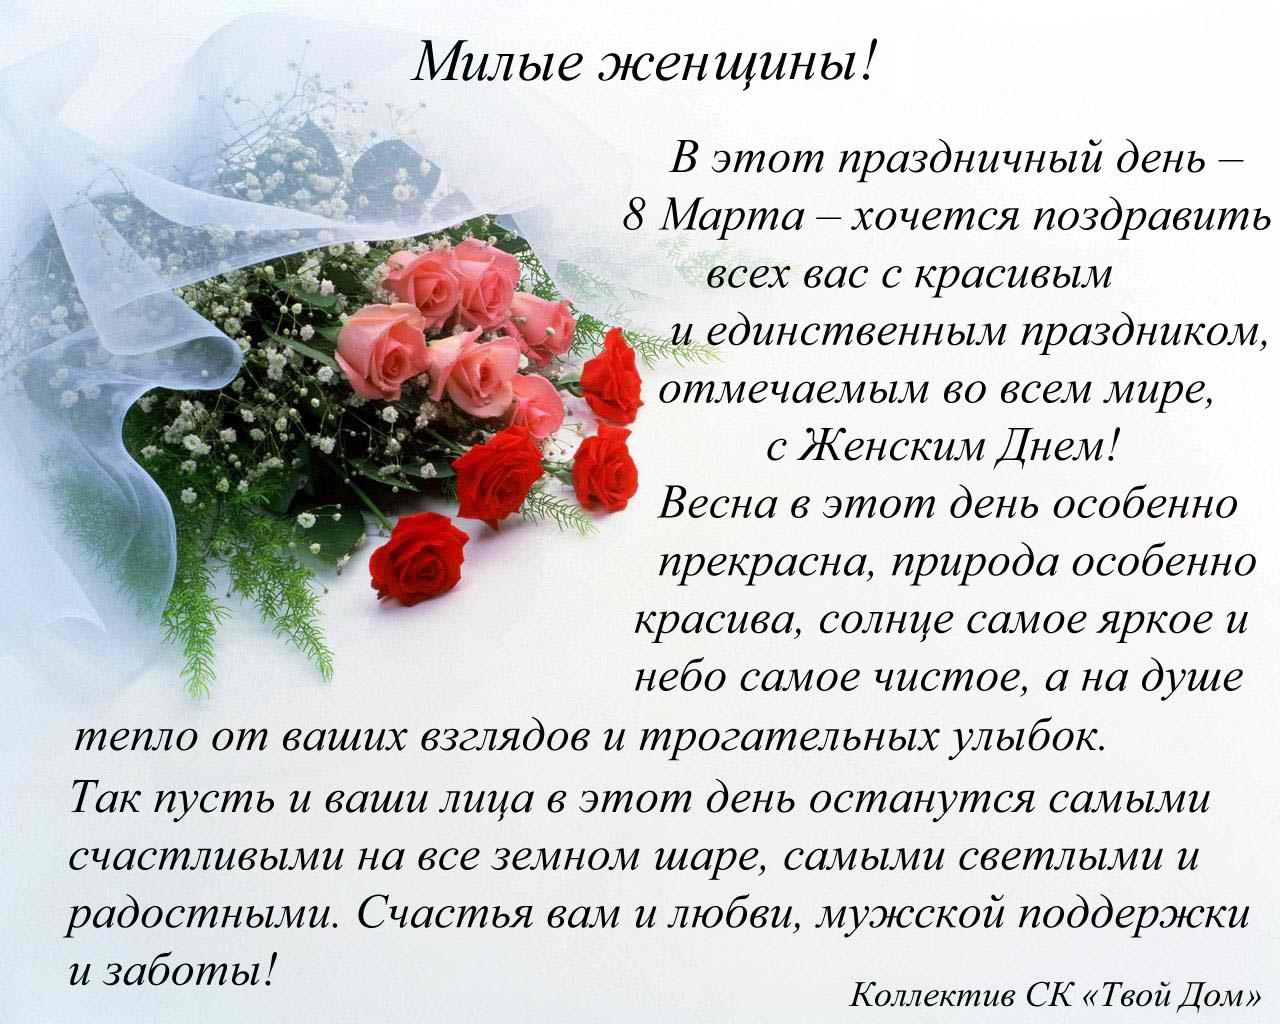 Православный стих с 8 марта